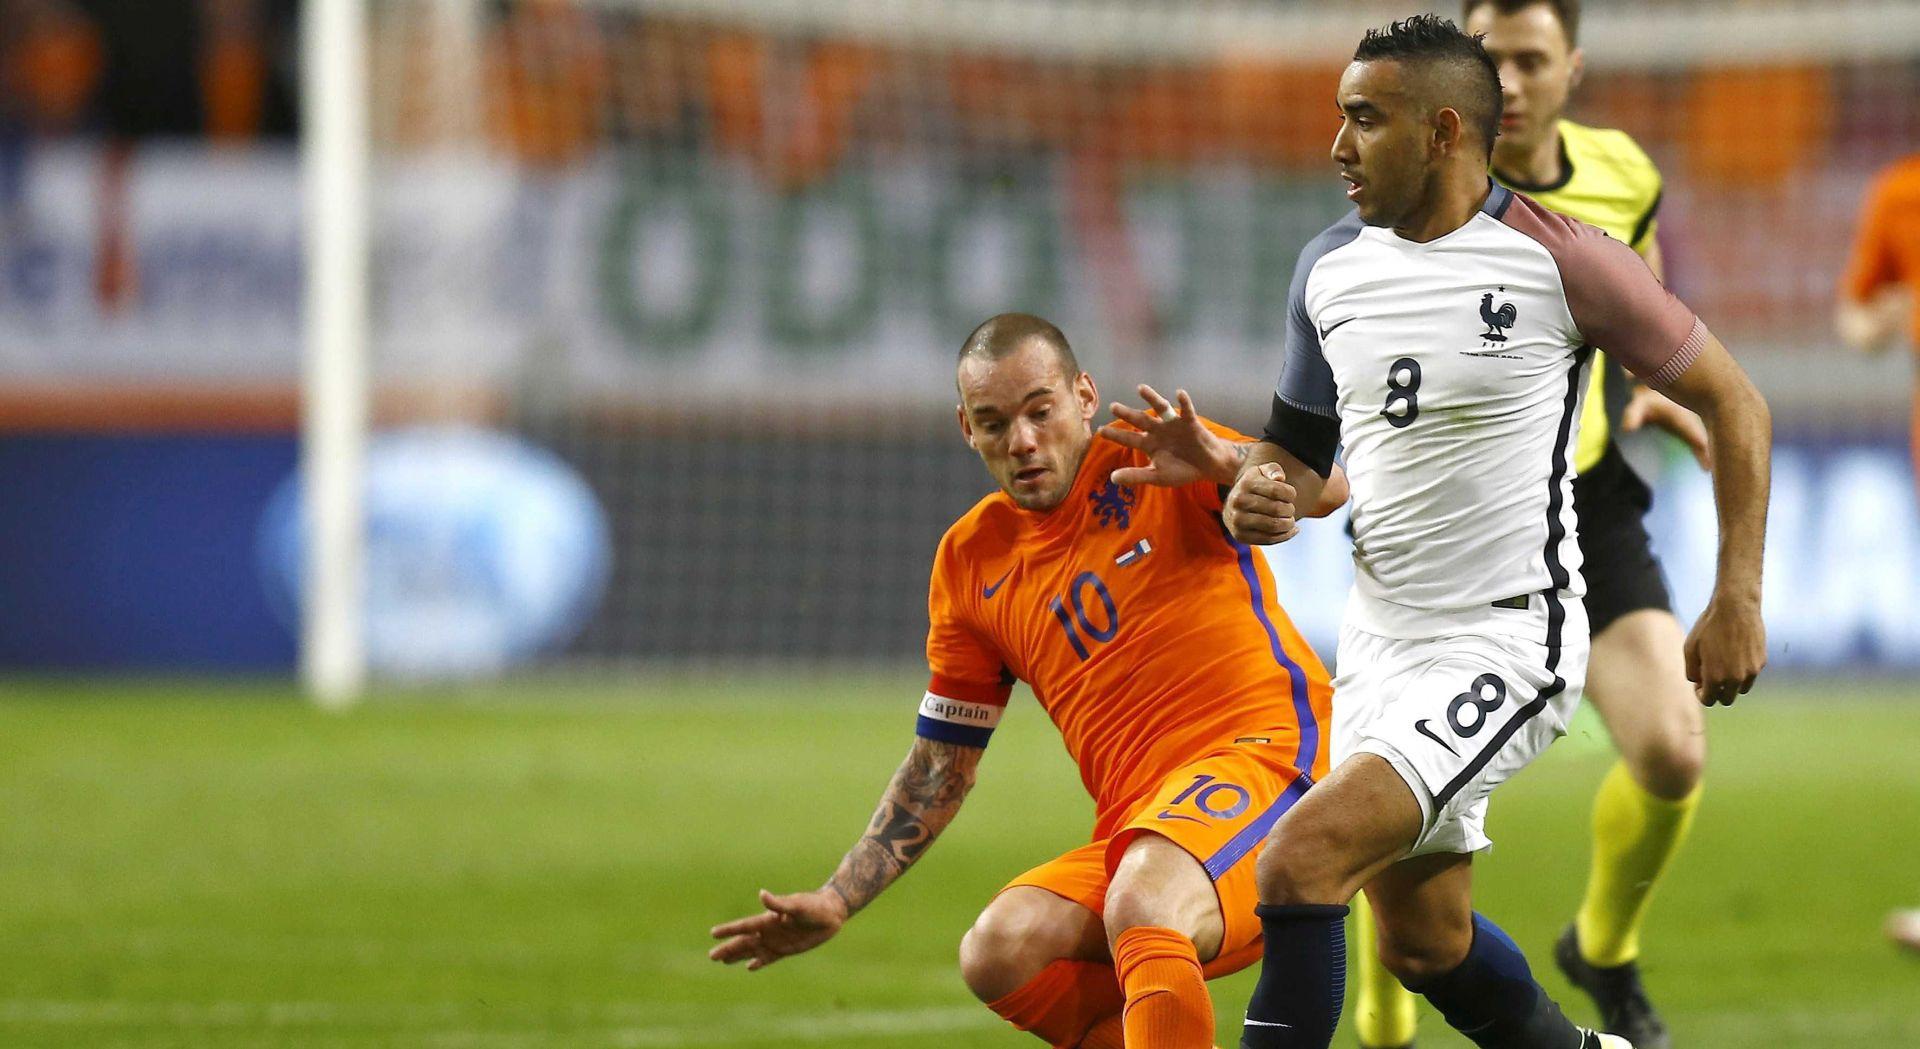 PRIJATELJSKE UTAKMICE Francuska bolja od Nizozemske, Bosanci uvjerljivi protiv Luksemburga